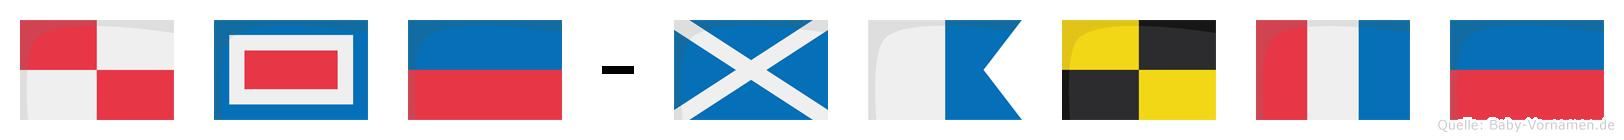 Uwe-Malte im Flaggenalphabet